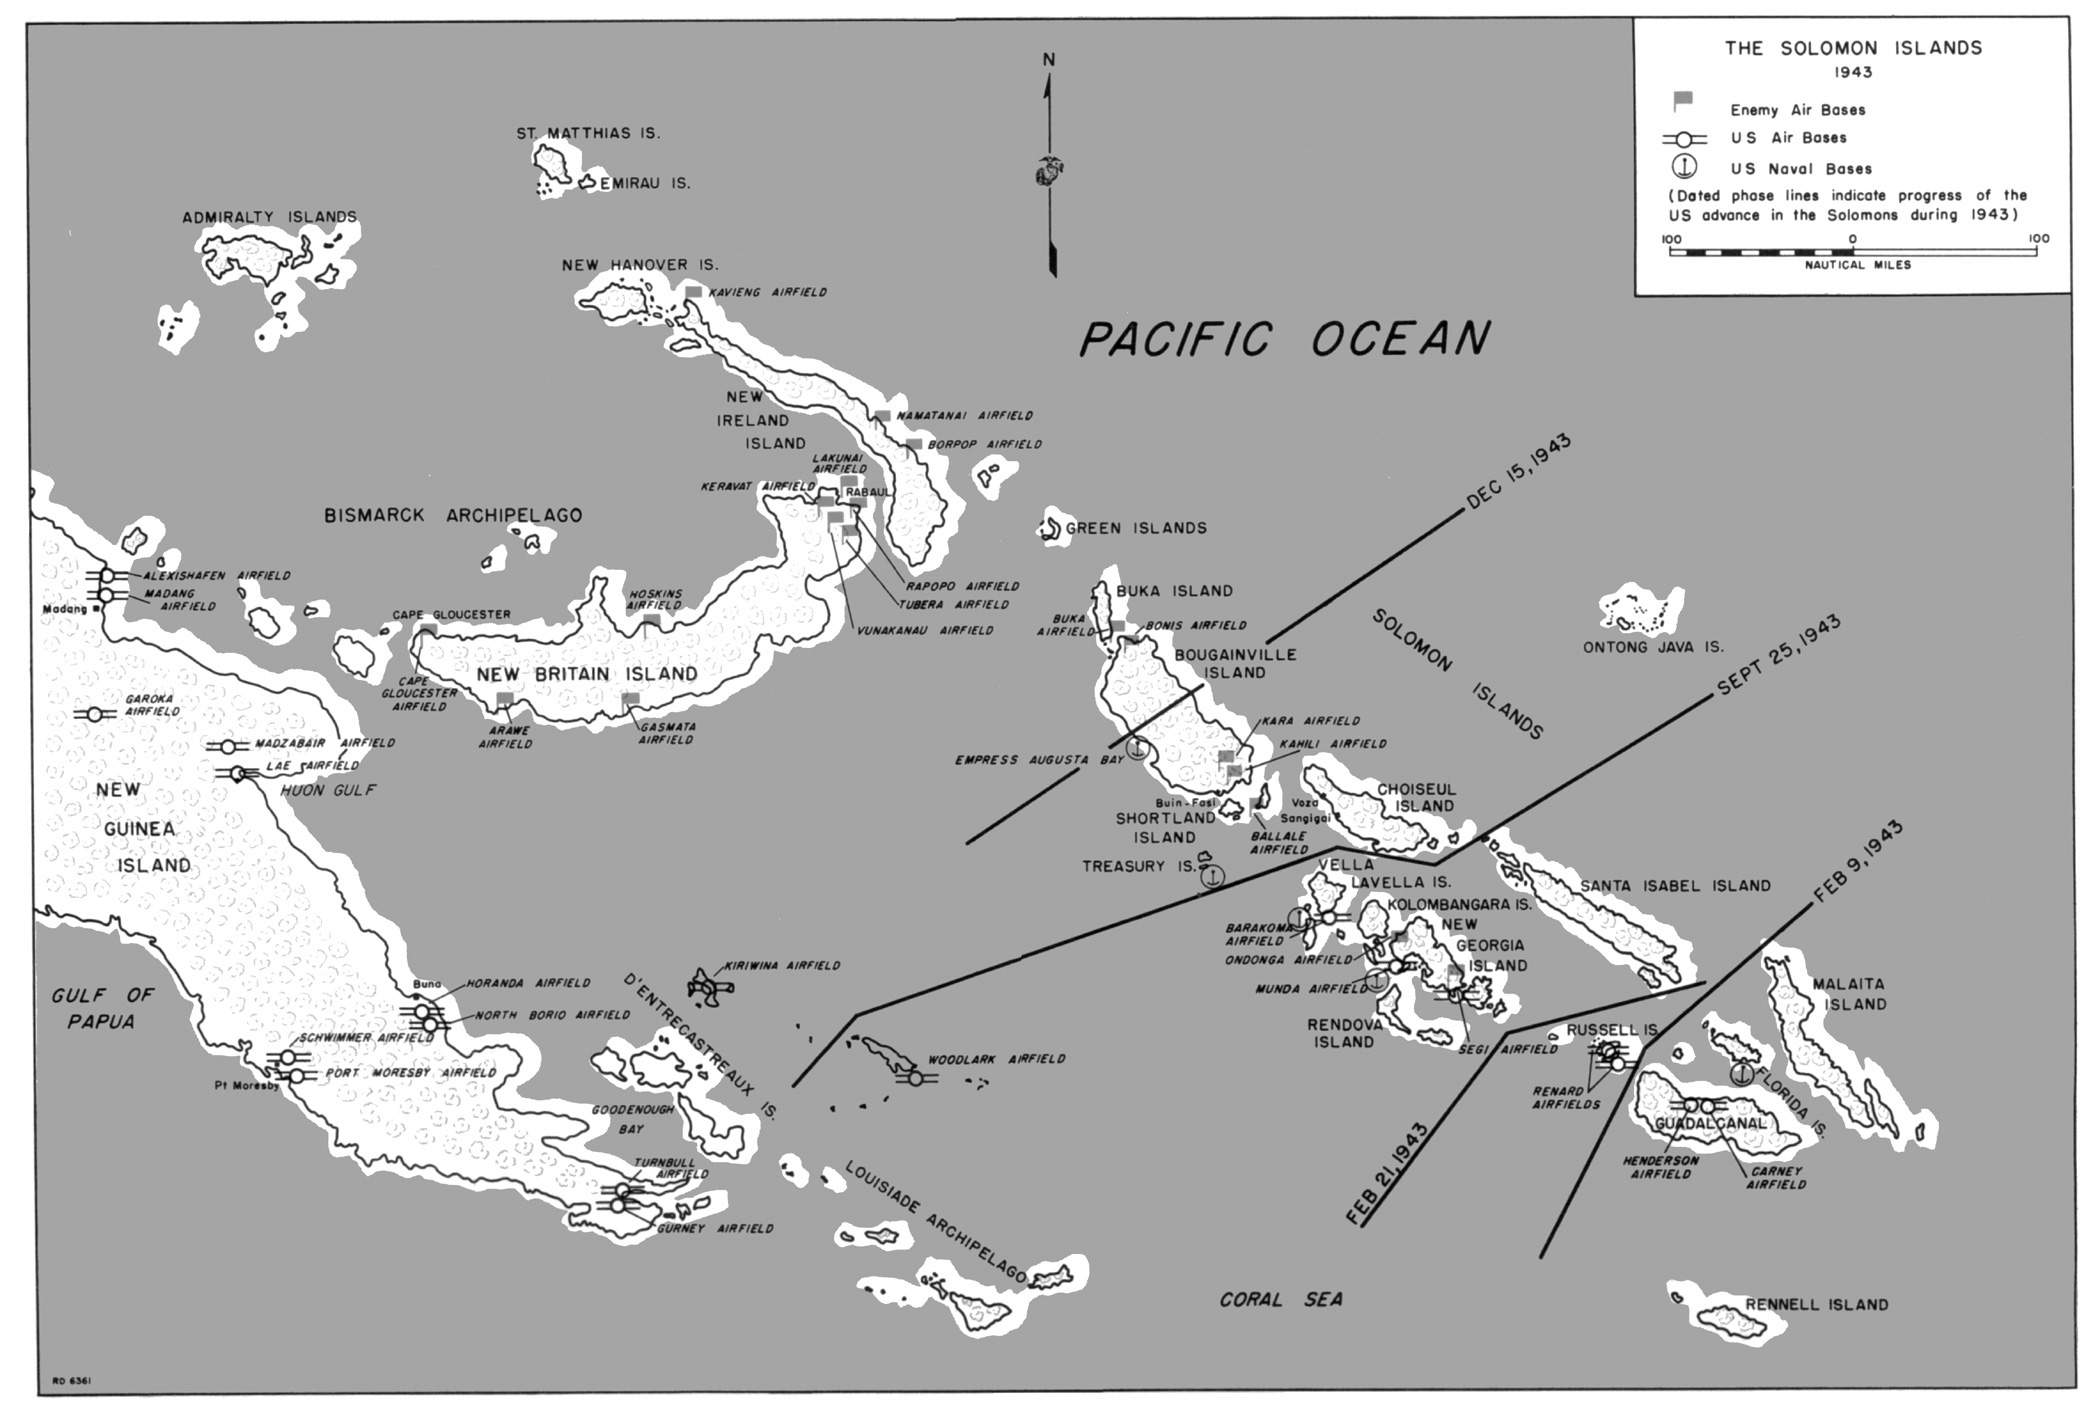 Solomon Islands campaign - Wikipedia